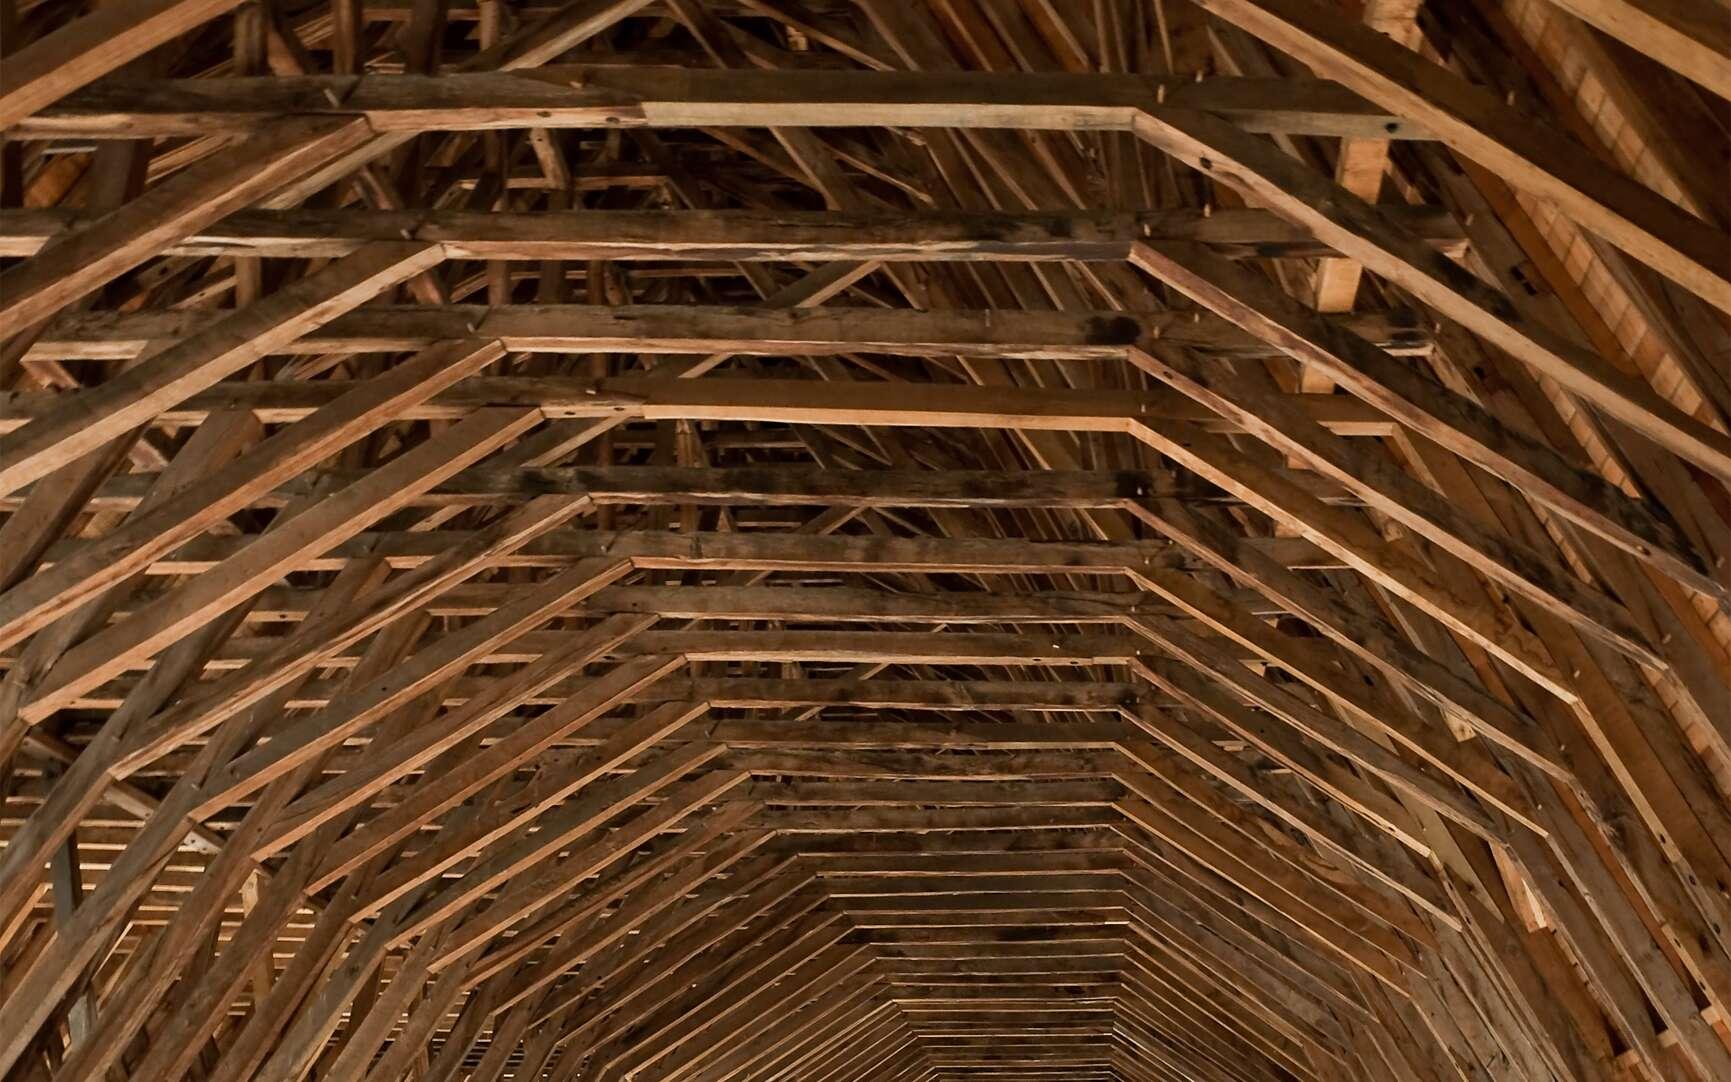 La charpente de cette église en bois de cœur est une structure de poteaux et de poutres particulièrement impressionnante. © Myrabella, CC BY-SA 3.0, Wikimedia Commons